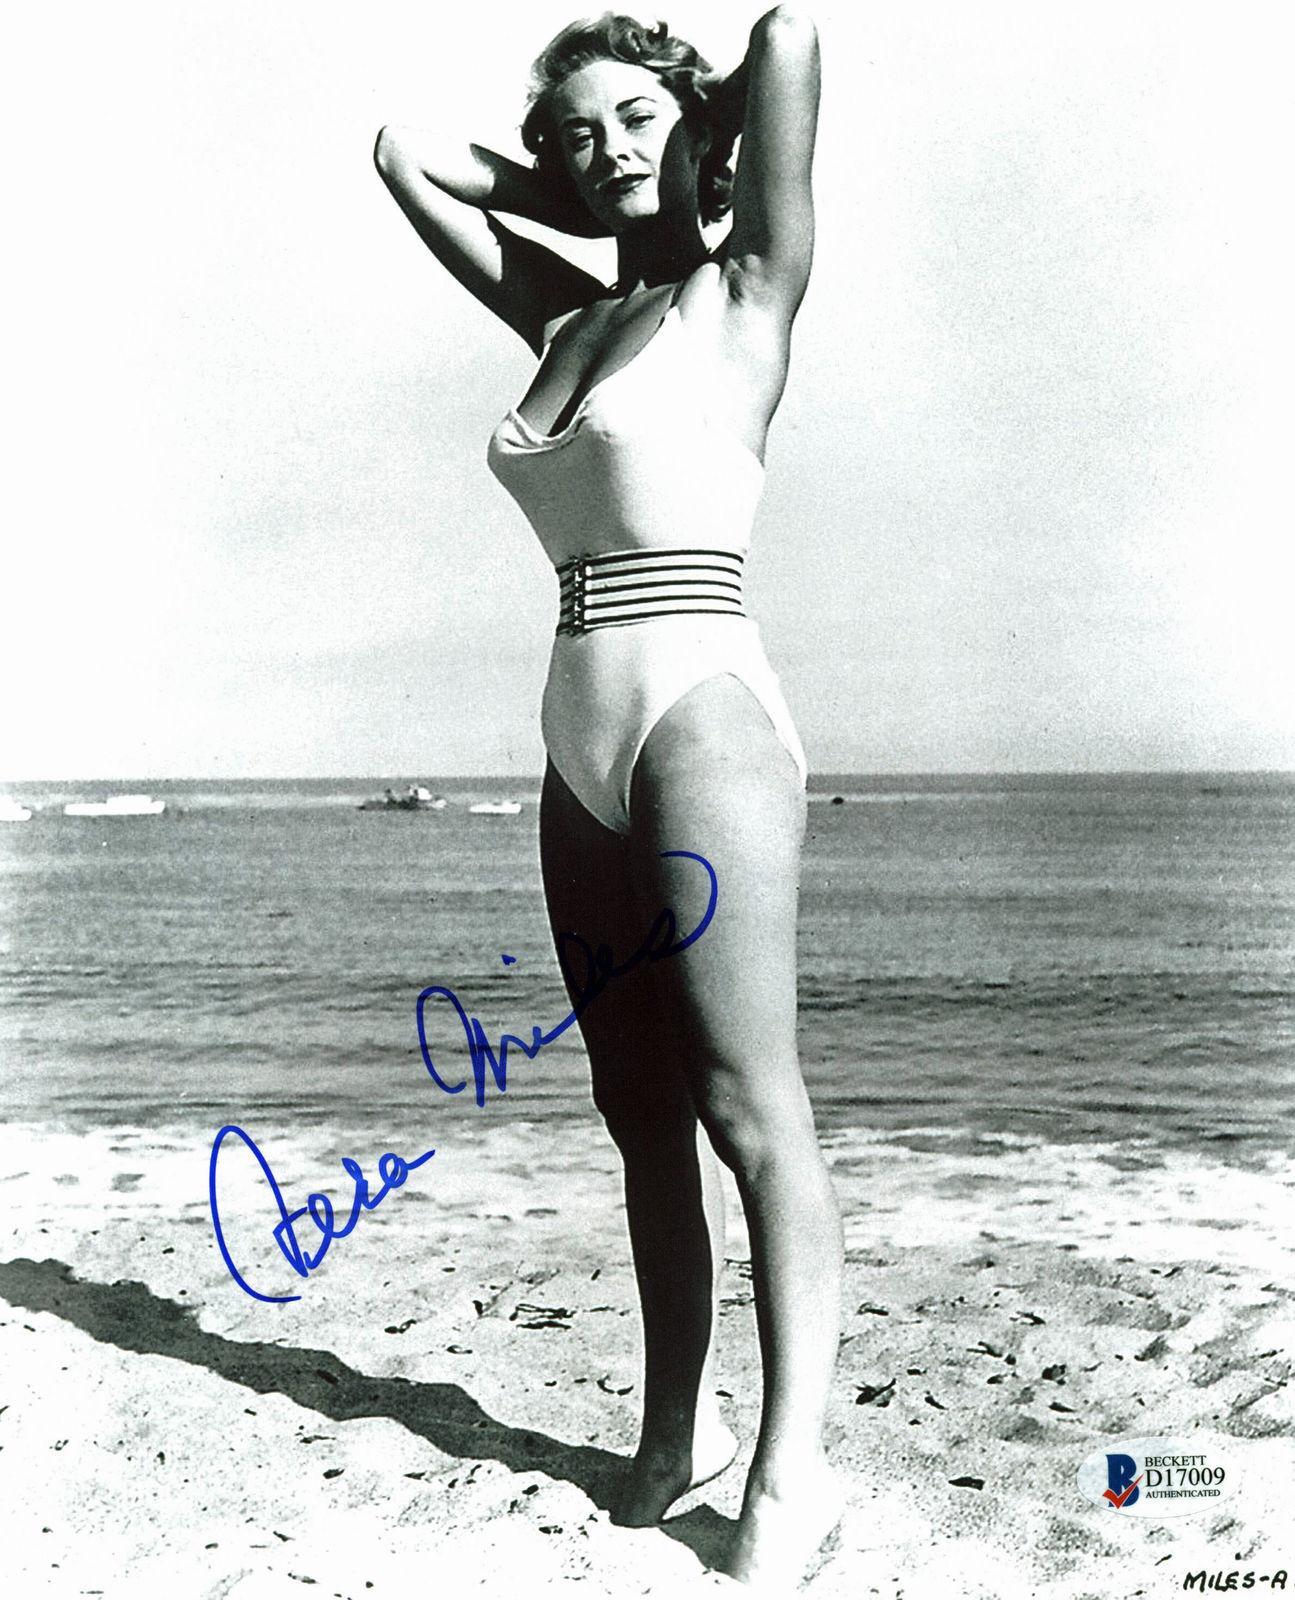 Vera Miles Signed 8x10 Photo Autographed BAS #D17009